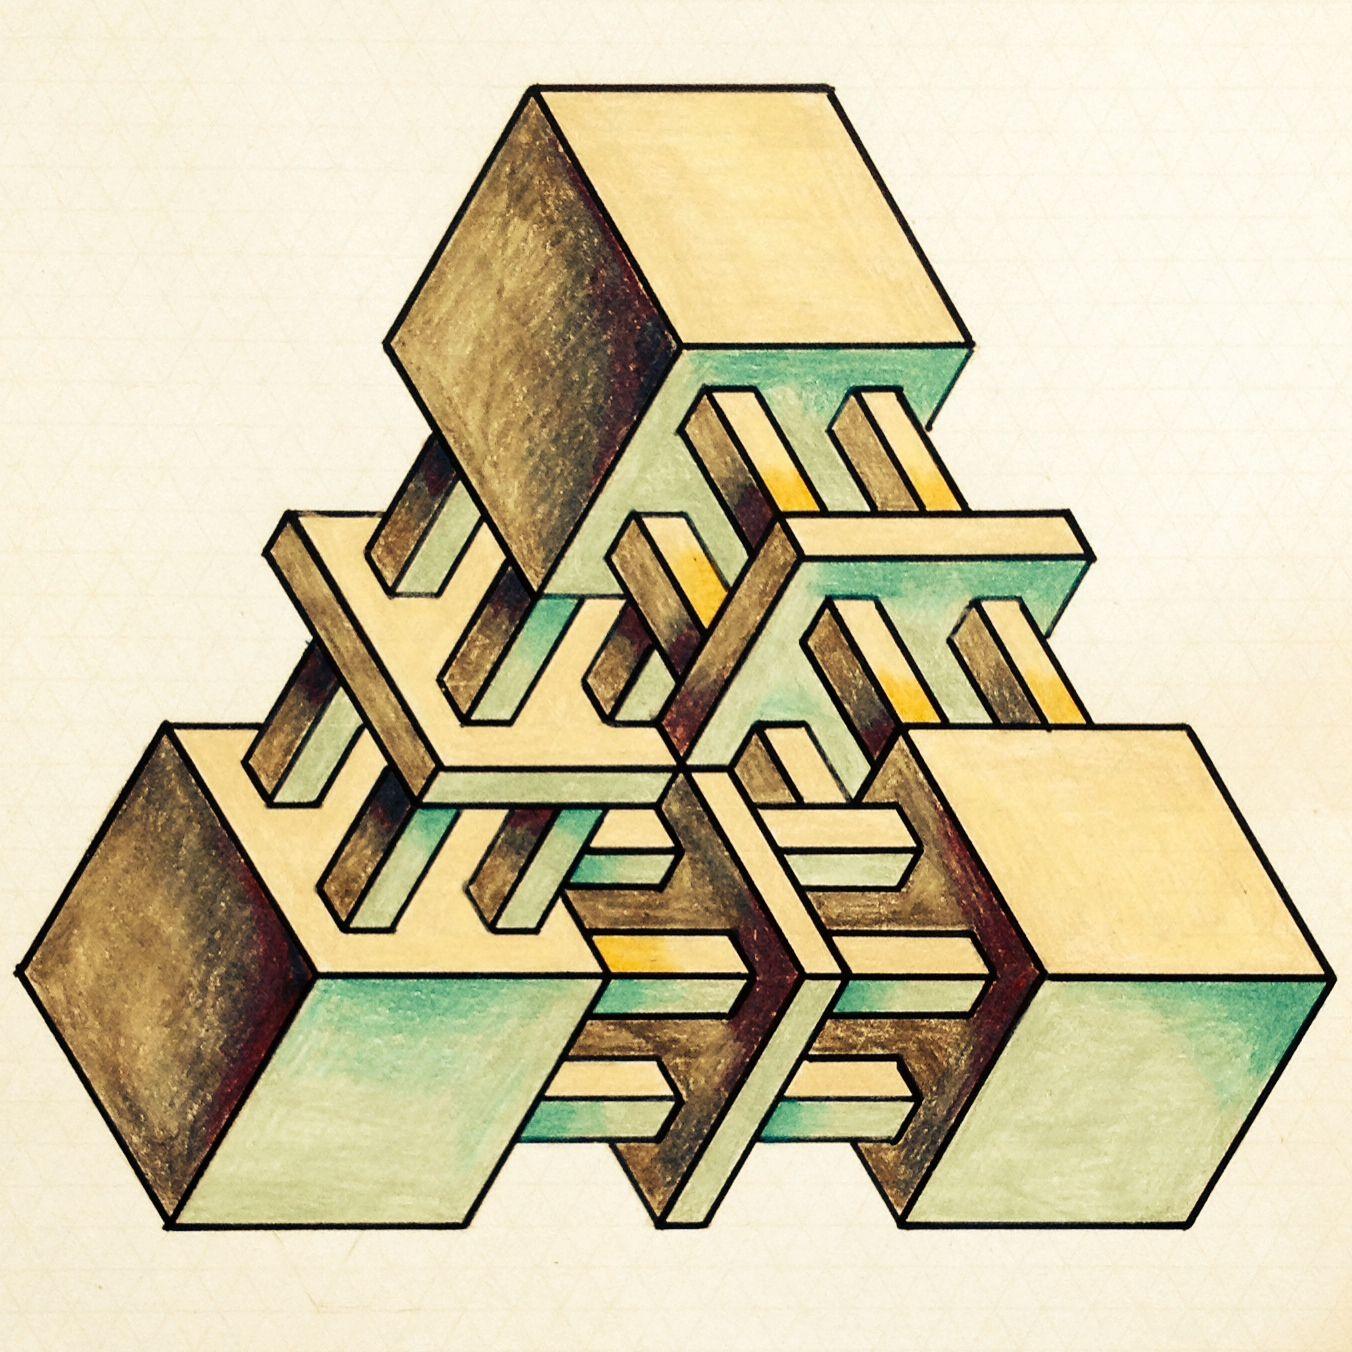 себе дала несуществующие геометрические фигуры картинки случае девушками